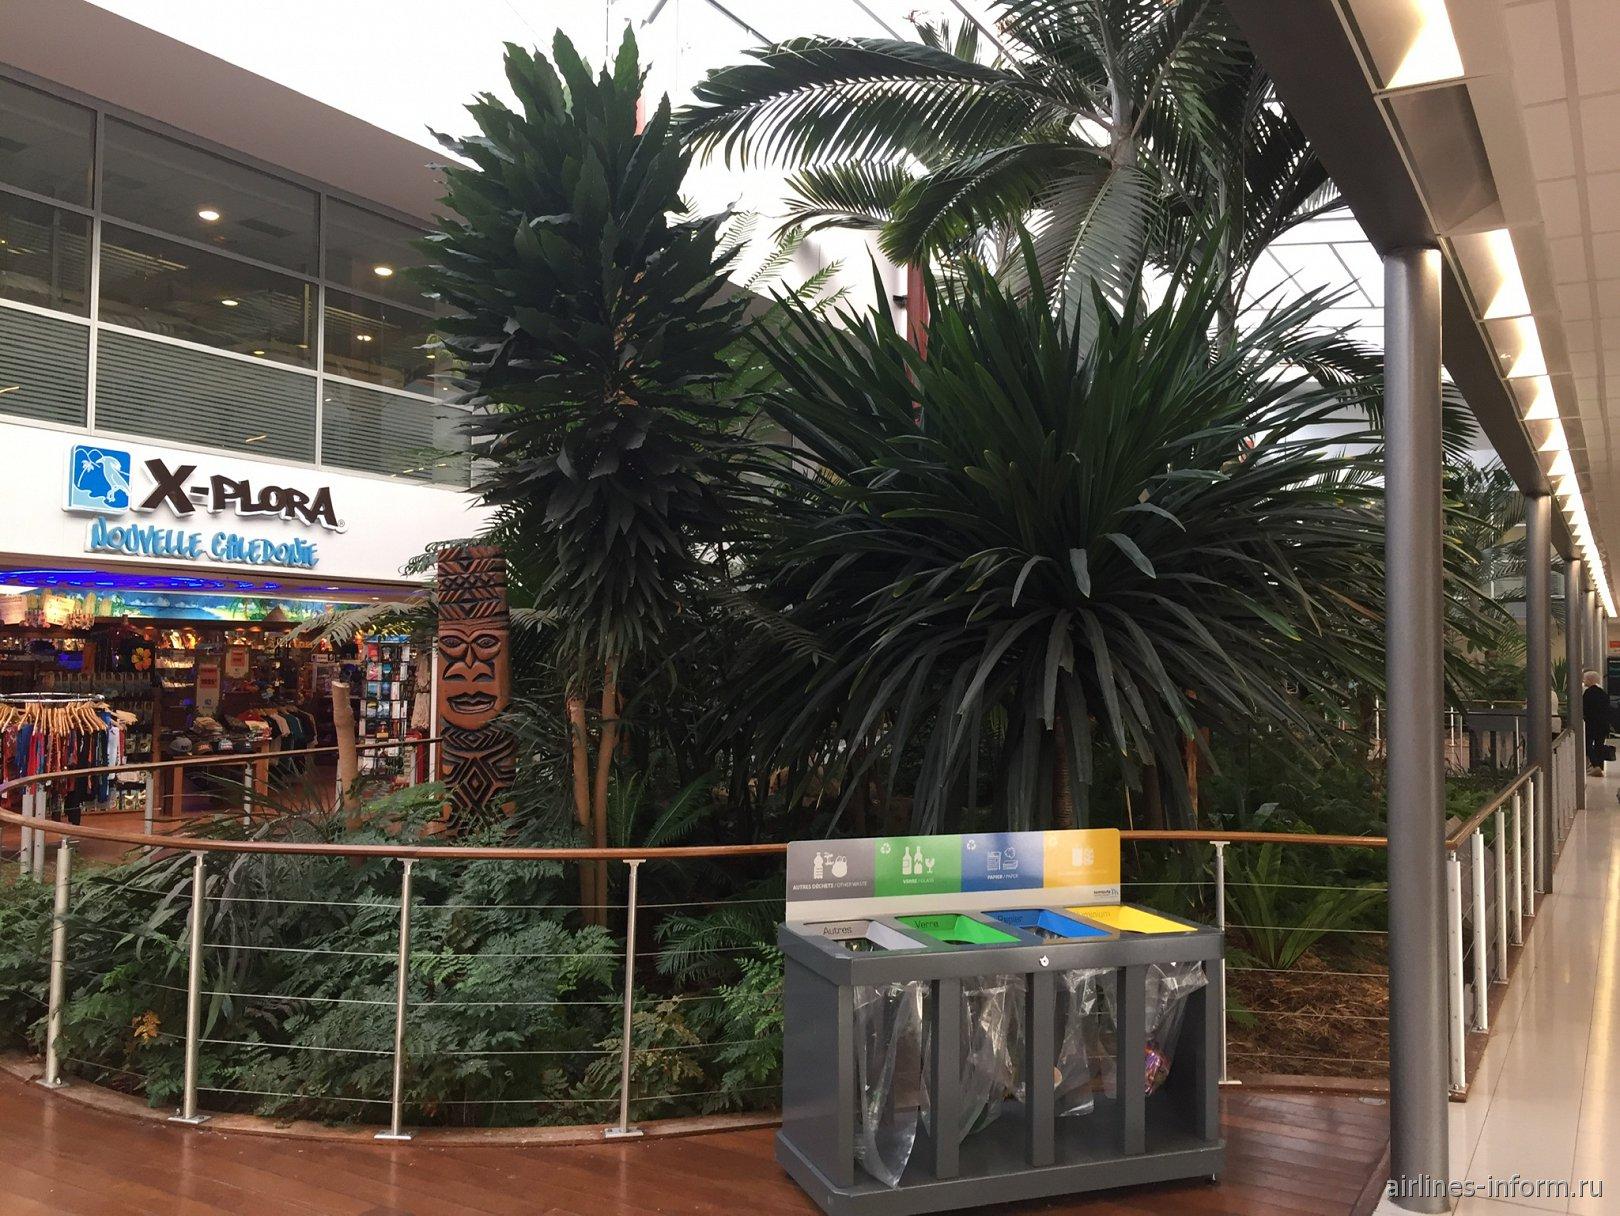 Зеленый уголок в аэропорту Нумеа Ла-Тонтута